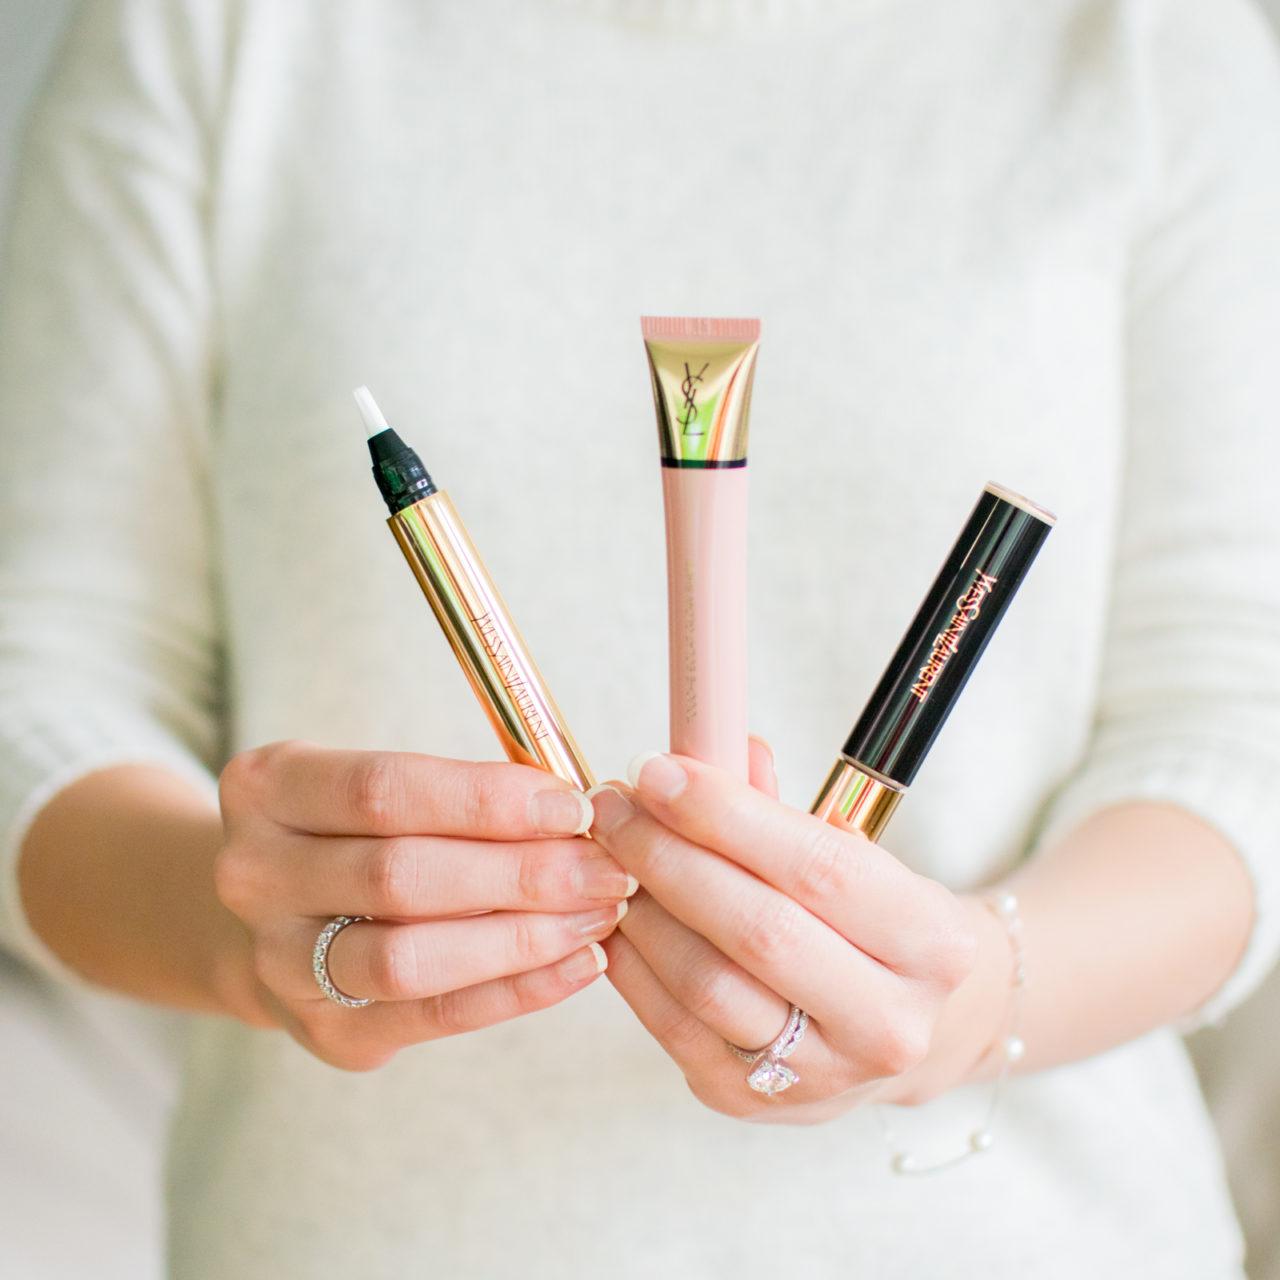 Beauty Finds – Yves Saint Laurent Touche Éclat Glow Shots, Touche Éclat, & All Hours Concealer